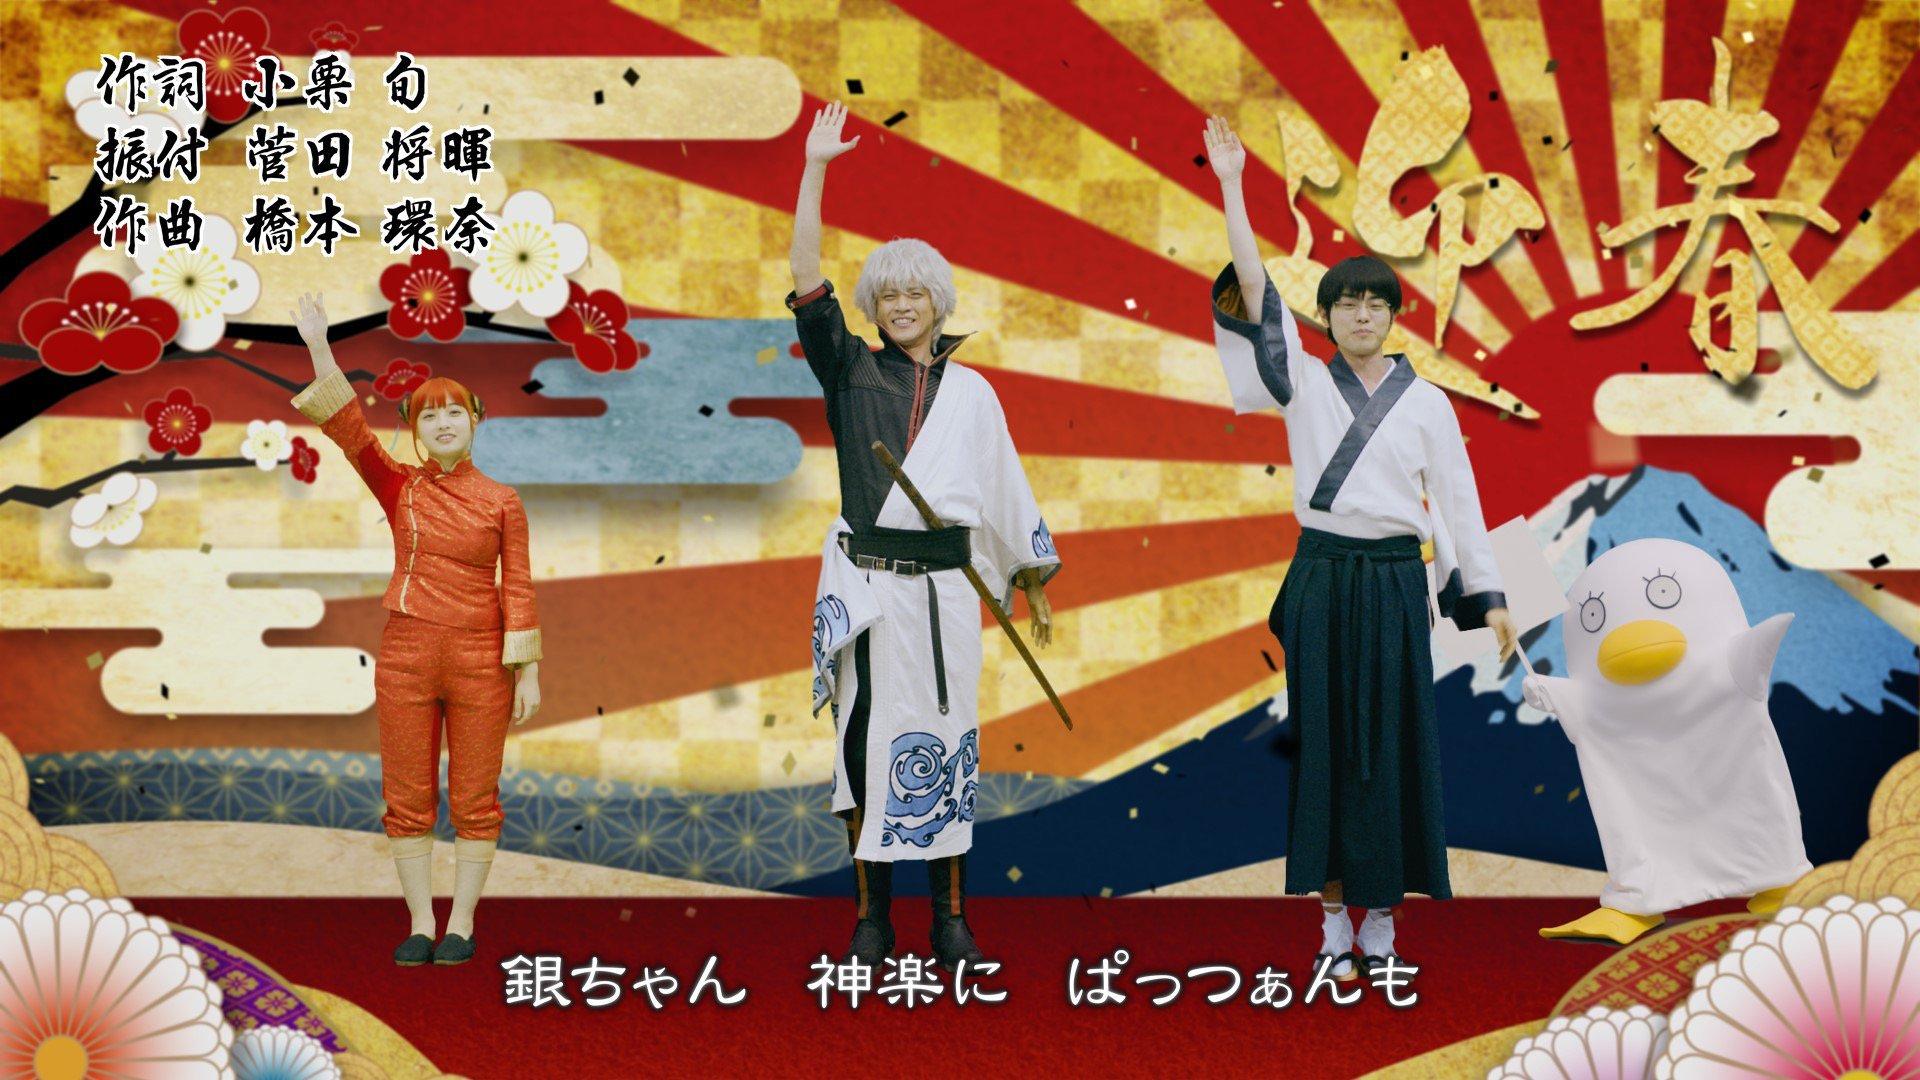 """Cơn sốt live-action Gintama """"tắt đài"""" ở Việt Nam: Vì sao nên nỗi? - Ảnh 4."""